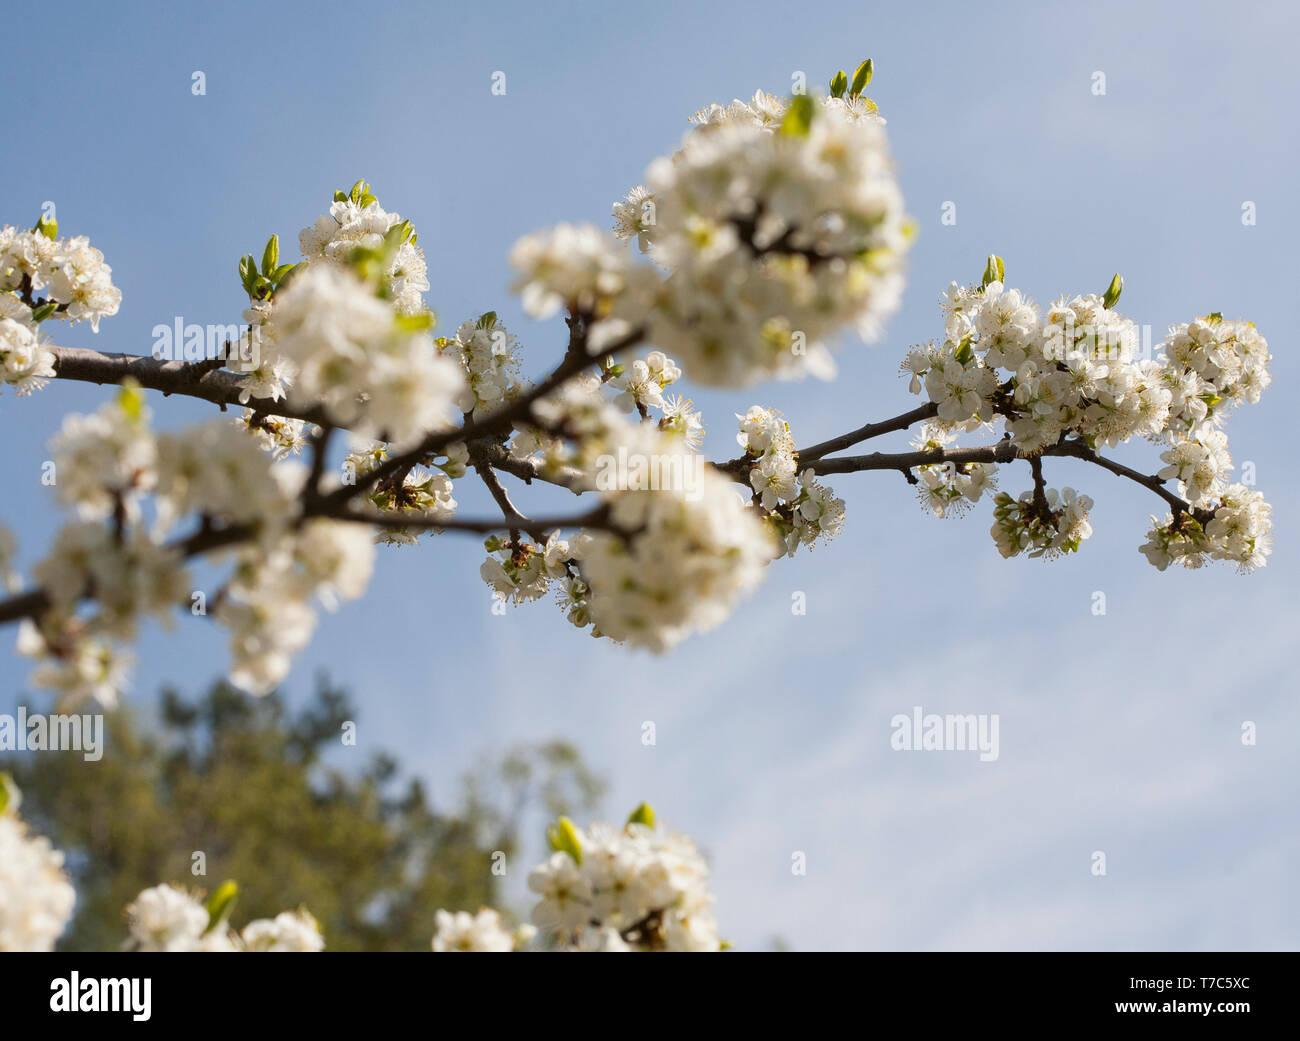 PLUMTREE flowering at spring ,Prunus domestica - Stock Image